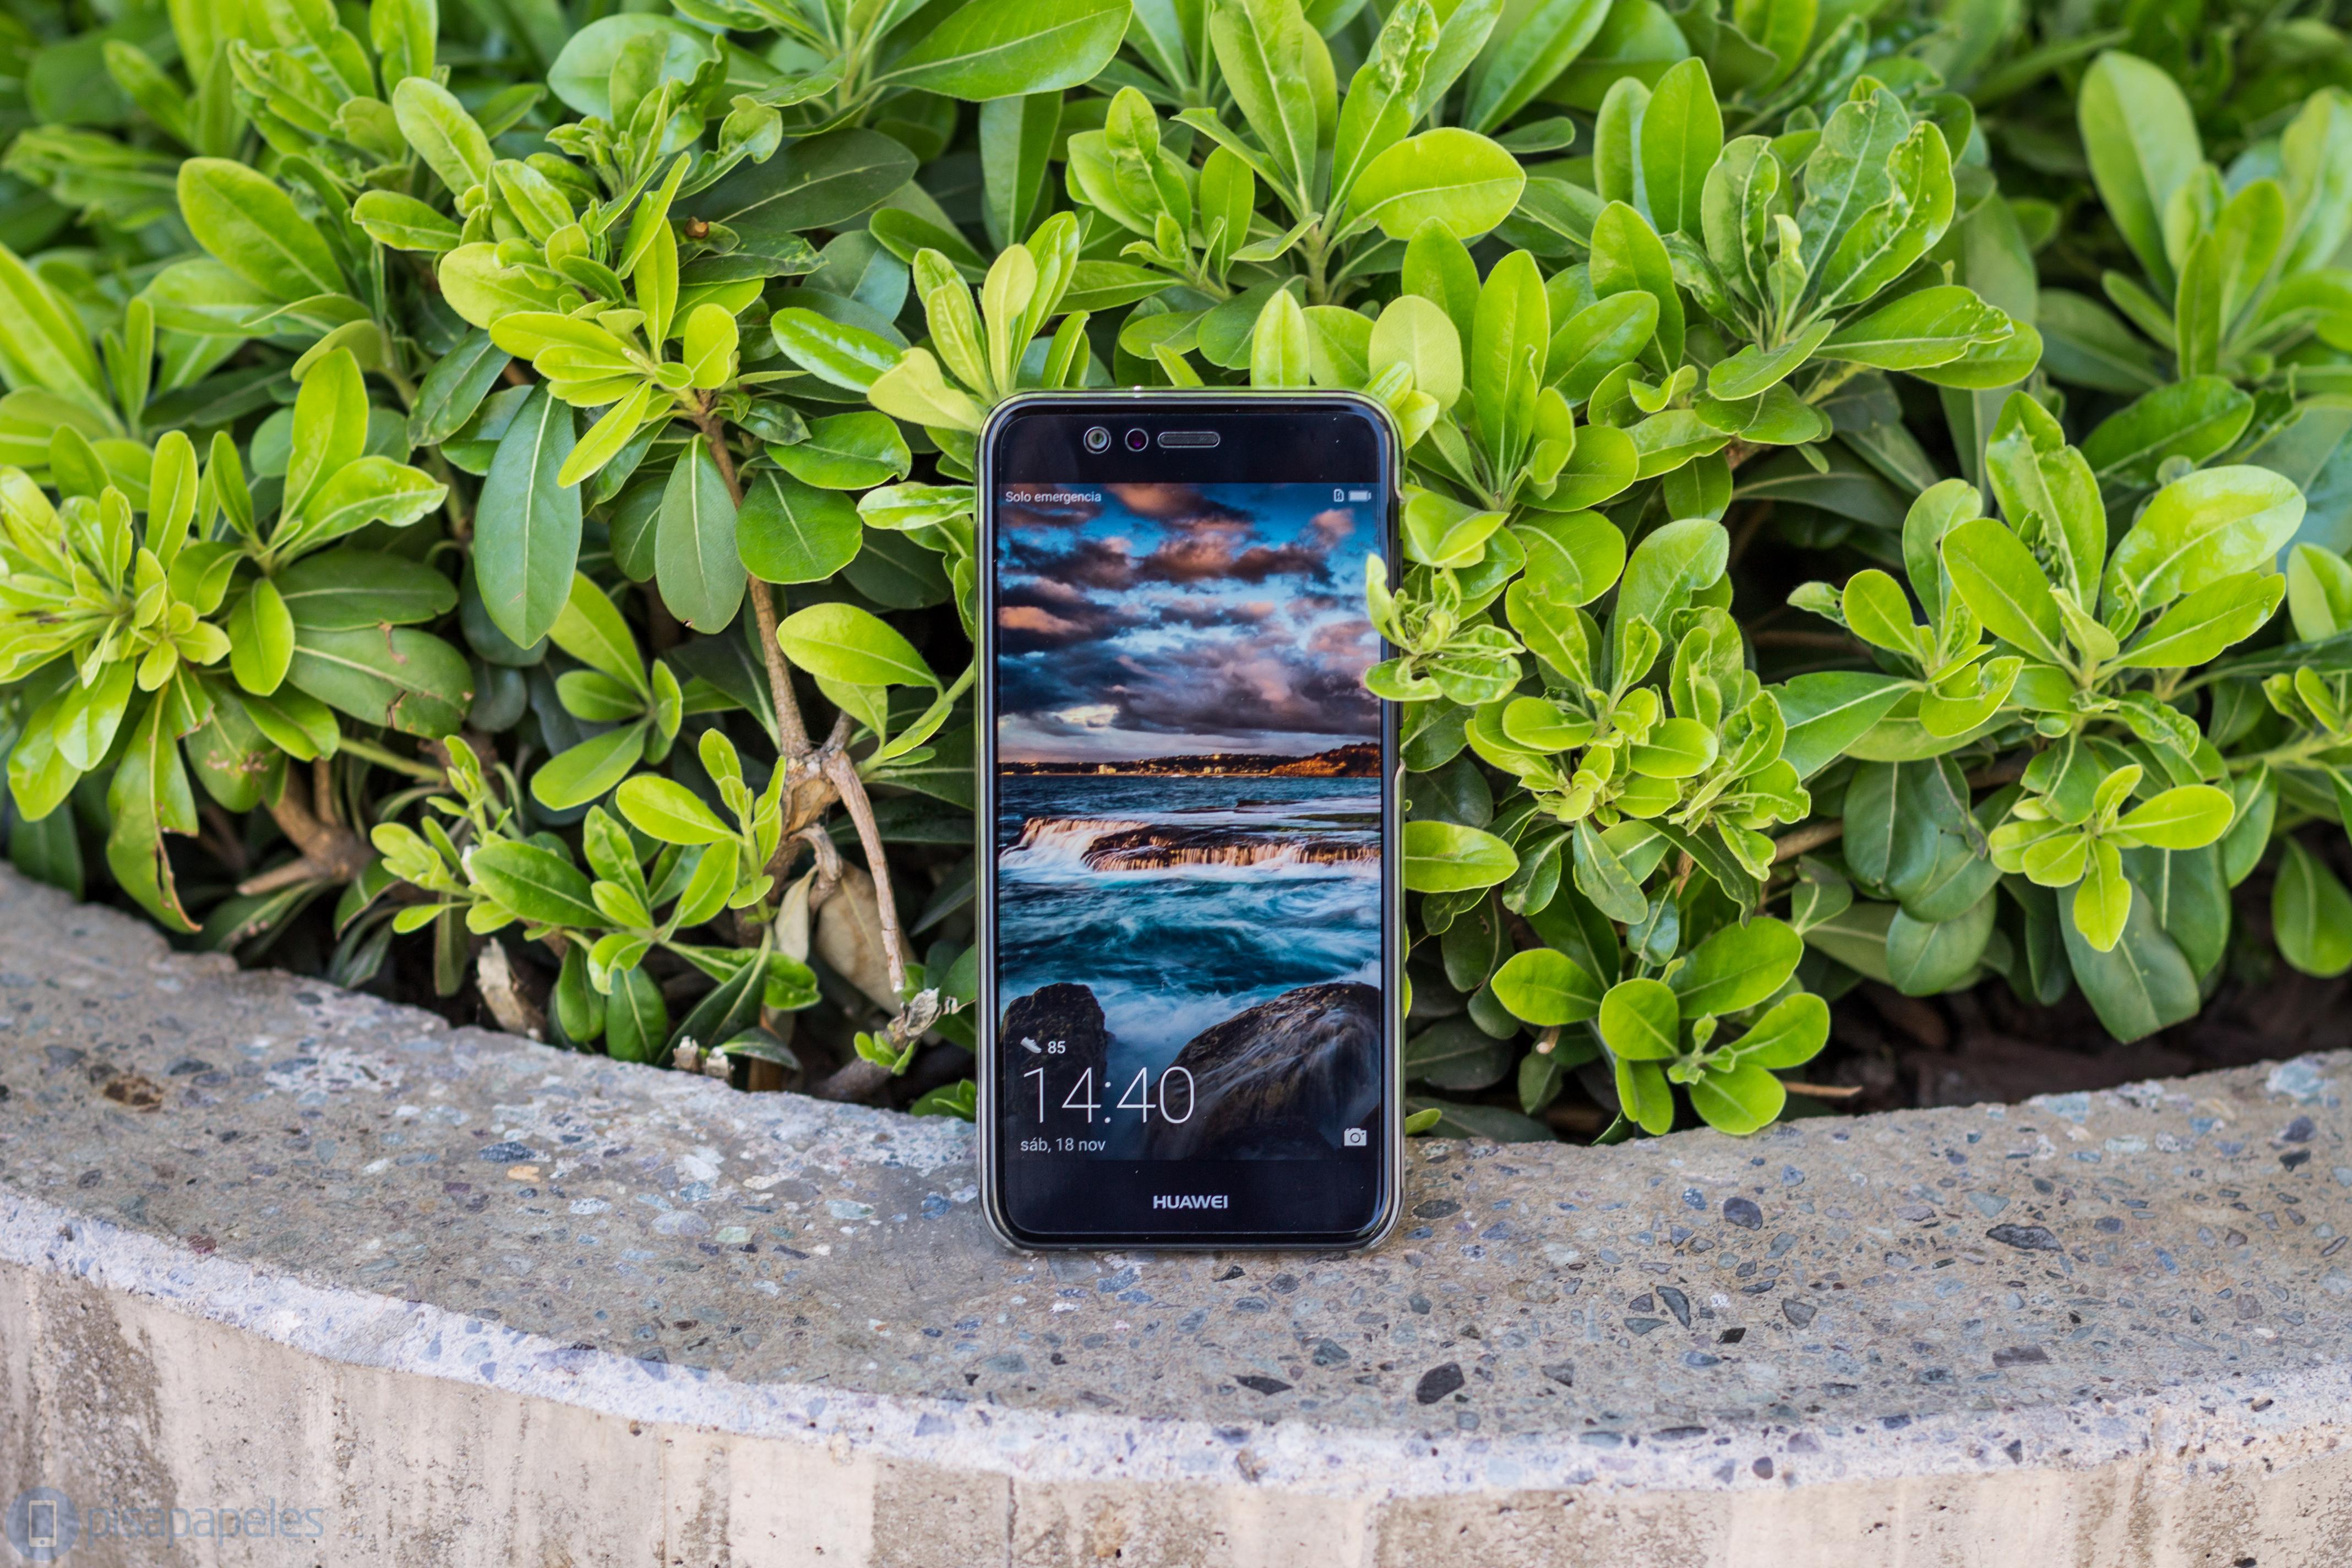 """Huawei P10 Selfie Recenzia 4""""width ="""" 4272 """"height ="""" 2848"""